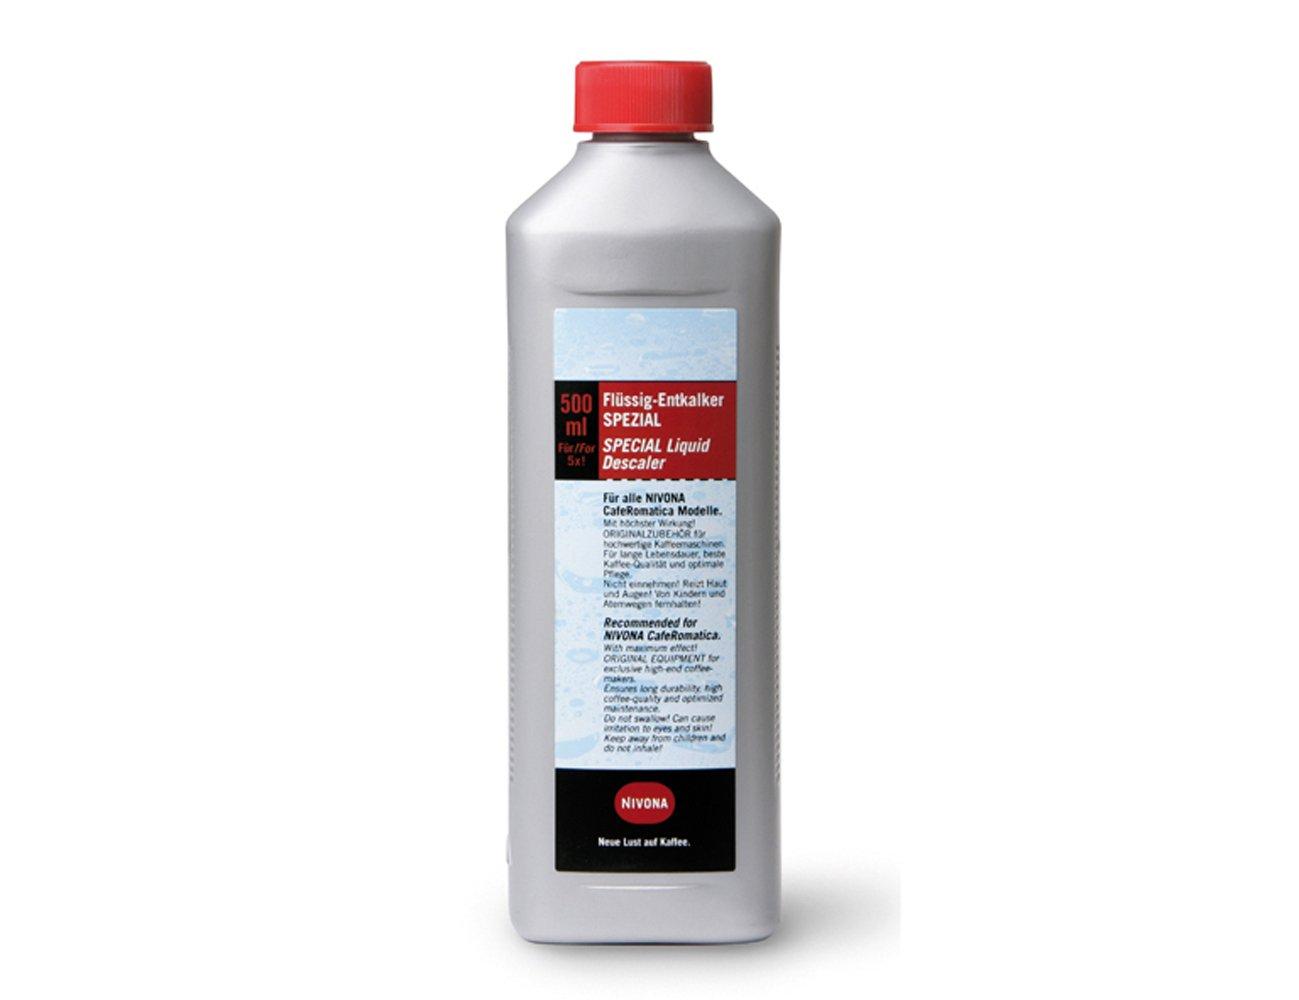 Nivona 390700300 500 ml für 5 Anwendungen Entkalker flüssig NIRK703 Bean to Cup